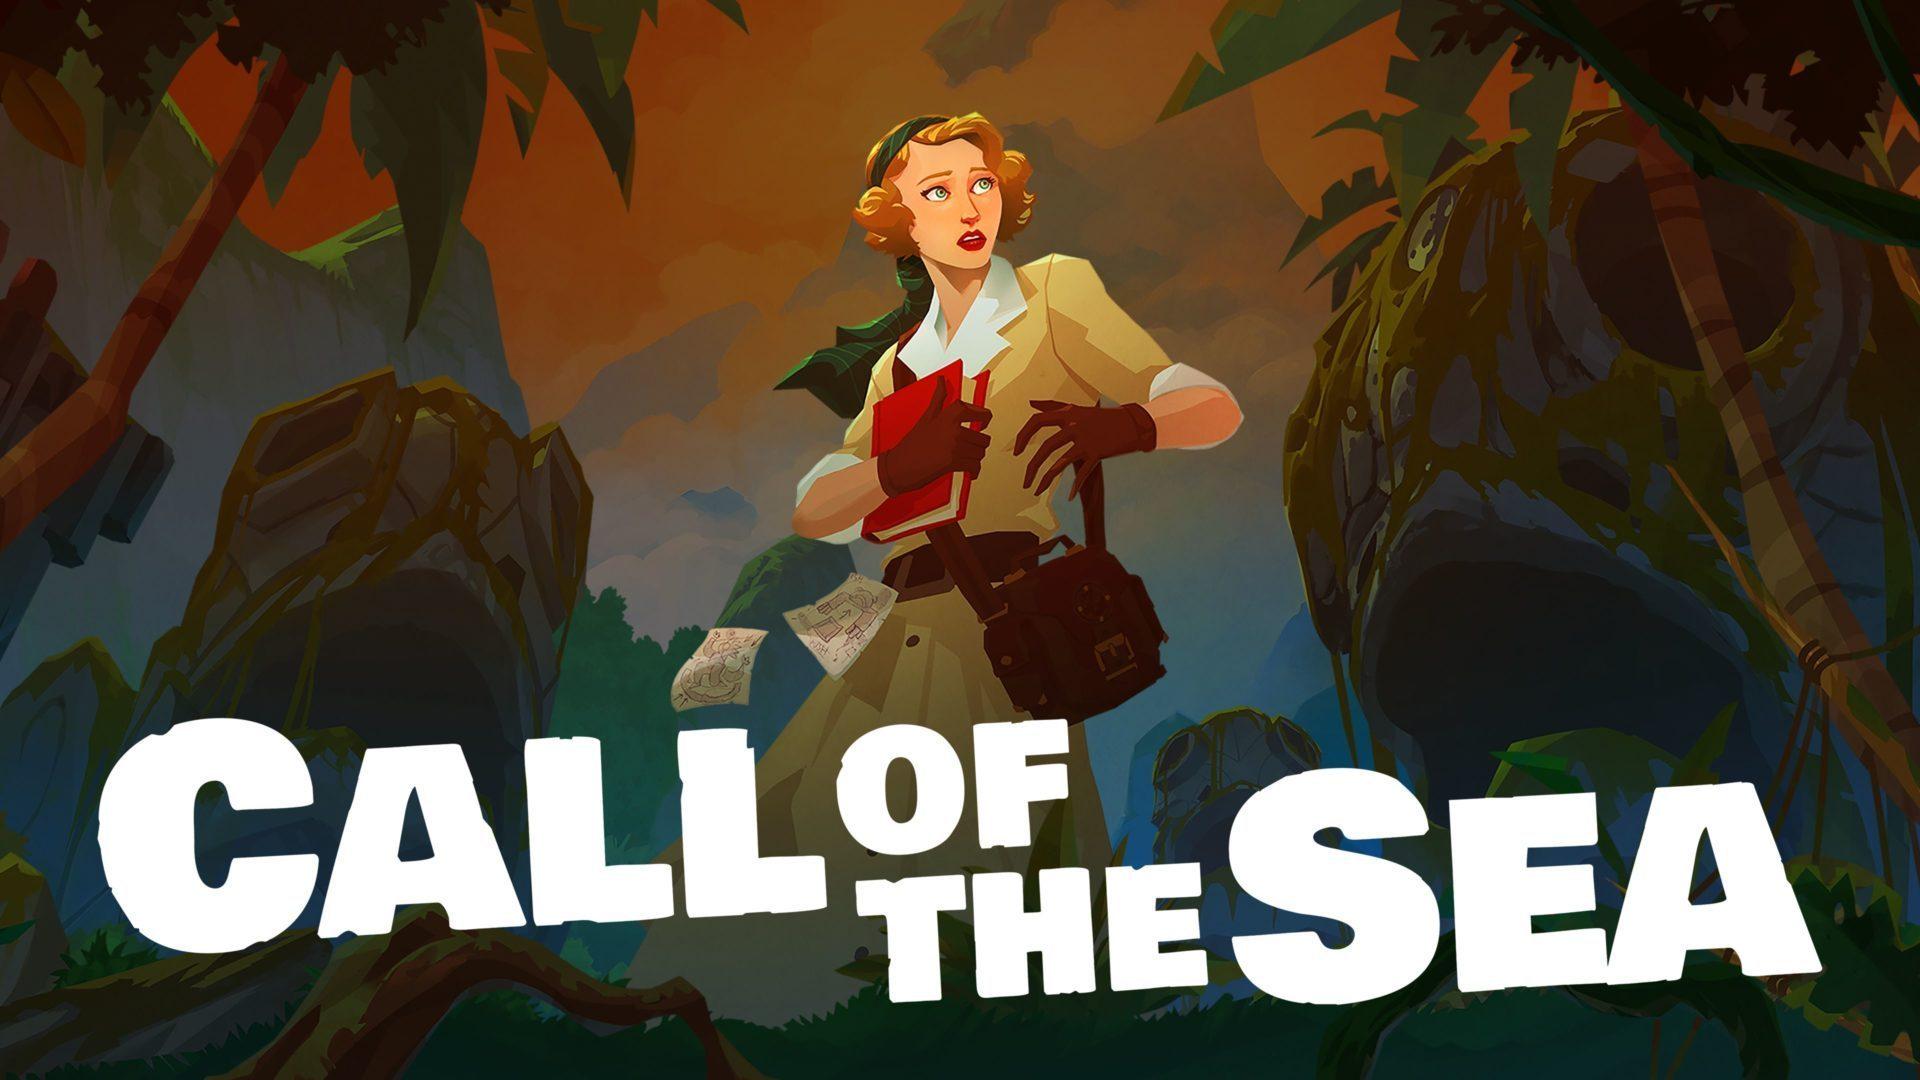 冒险解谜新作《海之呼唤》新截图 神秘岛屿寻夫之旅